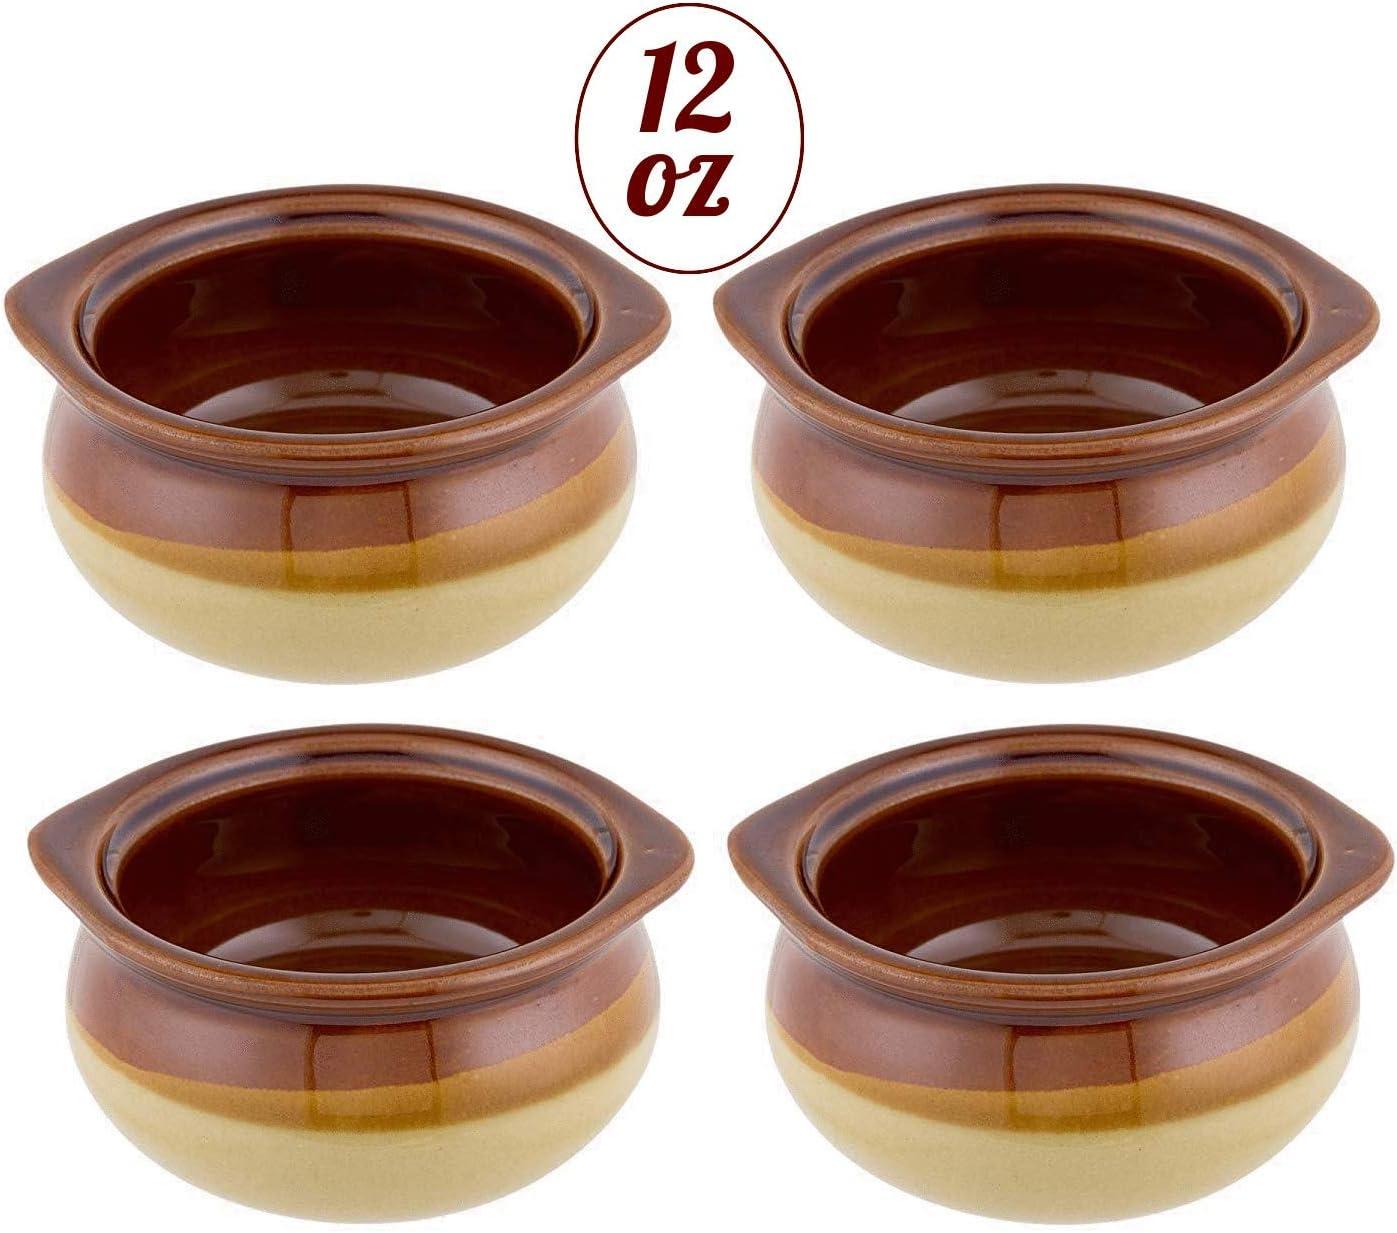 24 PACK 12 Oz Brown Onion Soup Crock Pot Bowl Set Commercial Restaurant